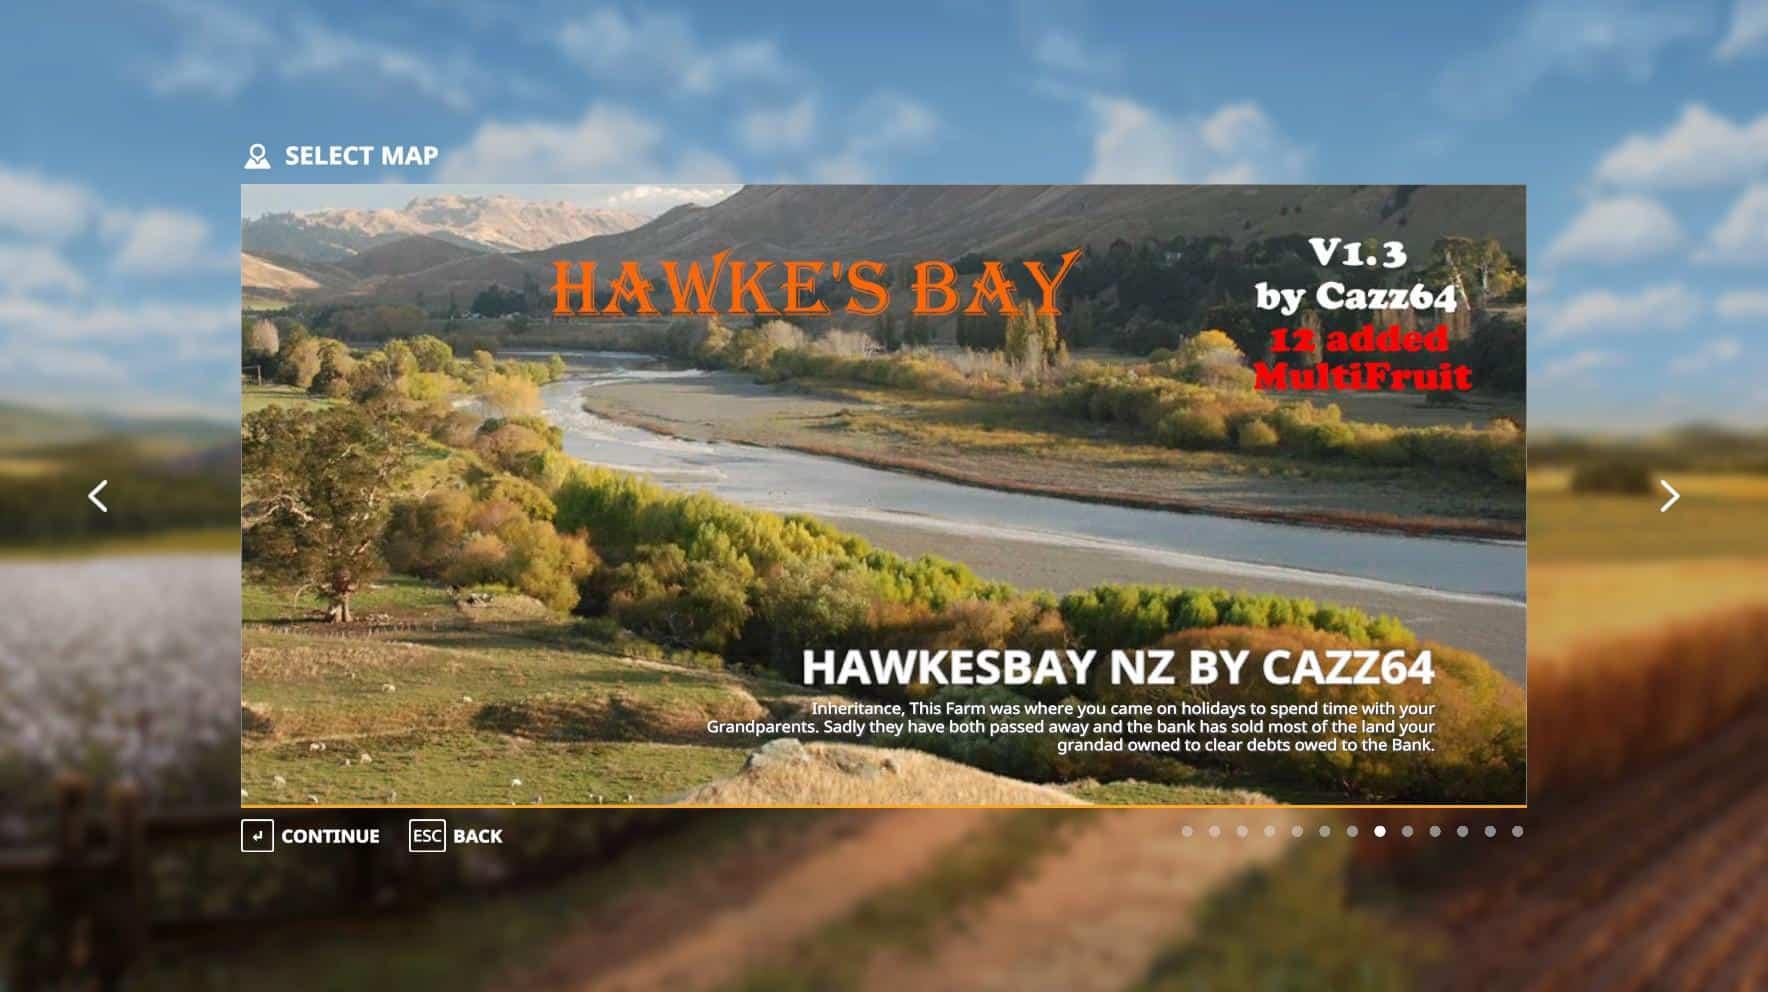 Hawke's Bay NZ map v1 3 FS 19 - Farming simulator 17 / 2017 mod